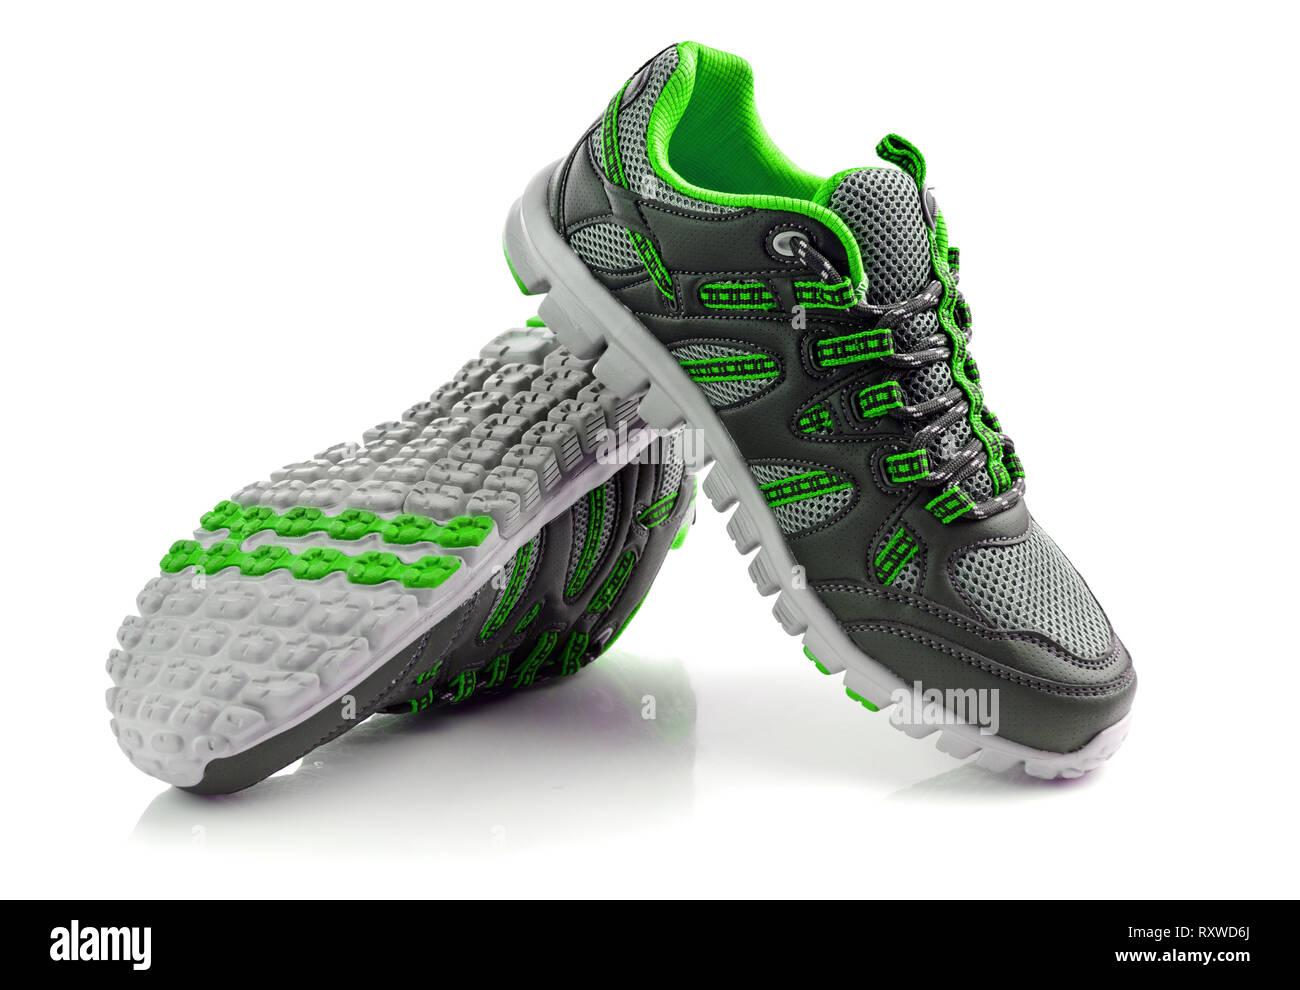 19438049237cf Sin marca de zapatillas de deporte zapatillas de deporte moderno aislado